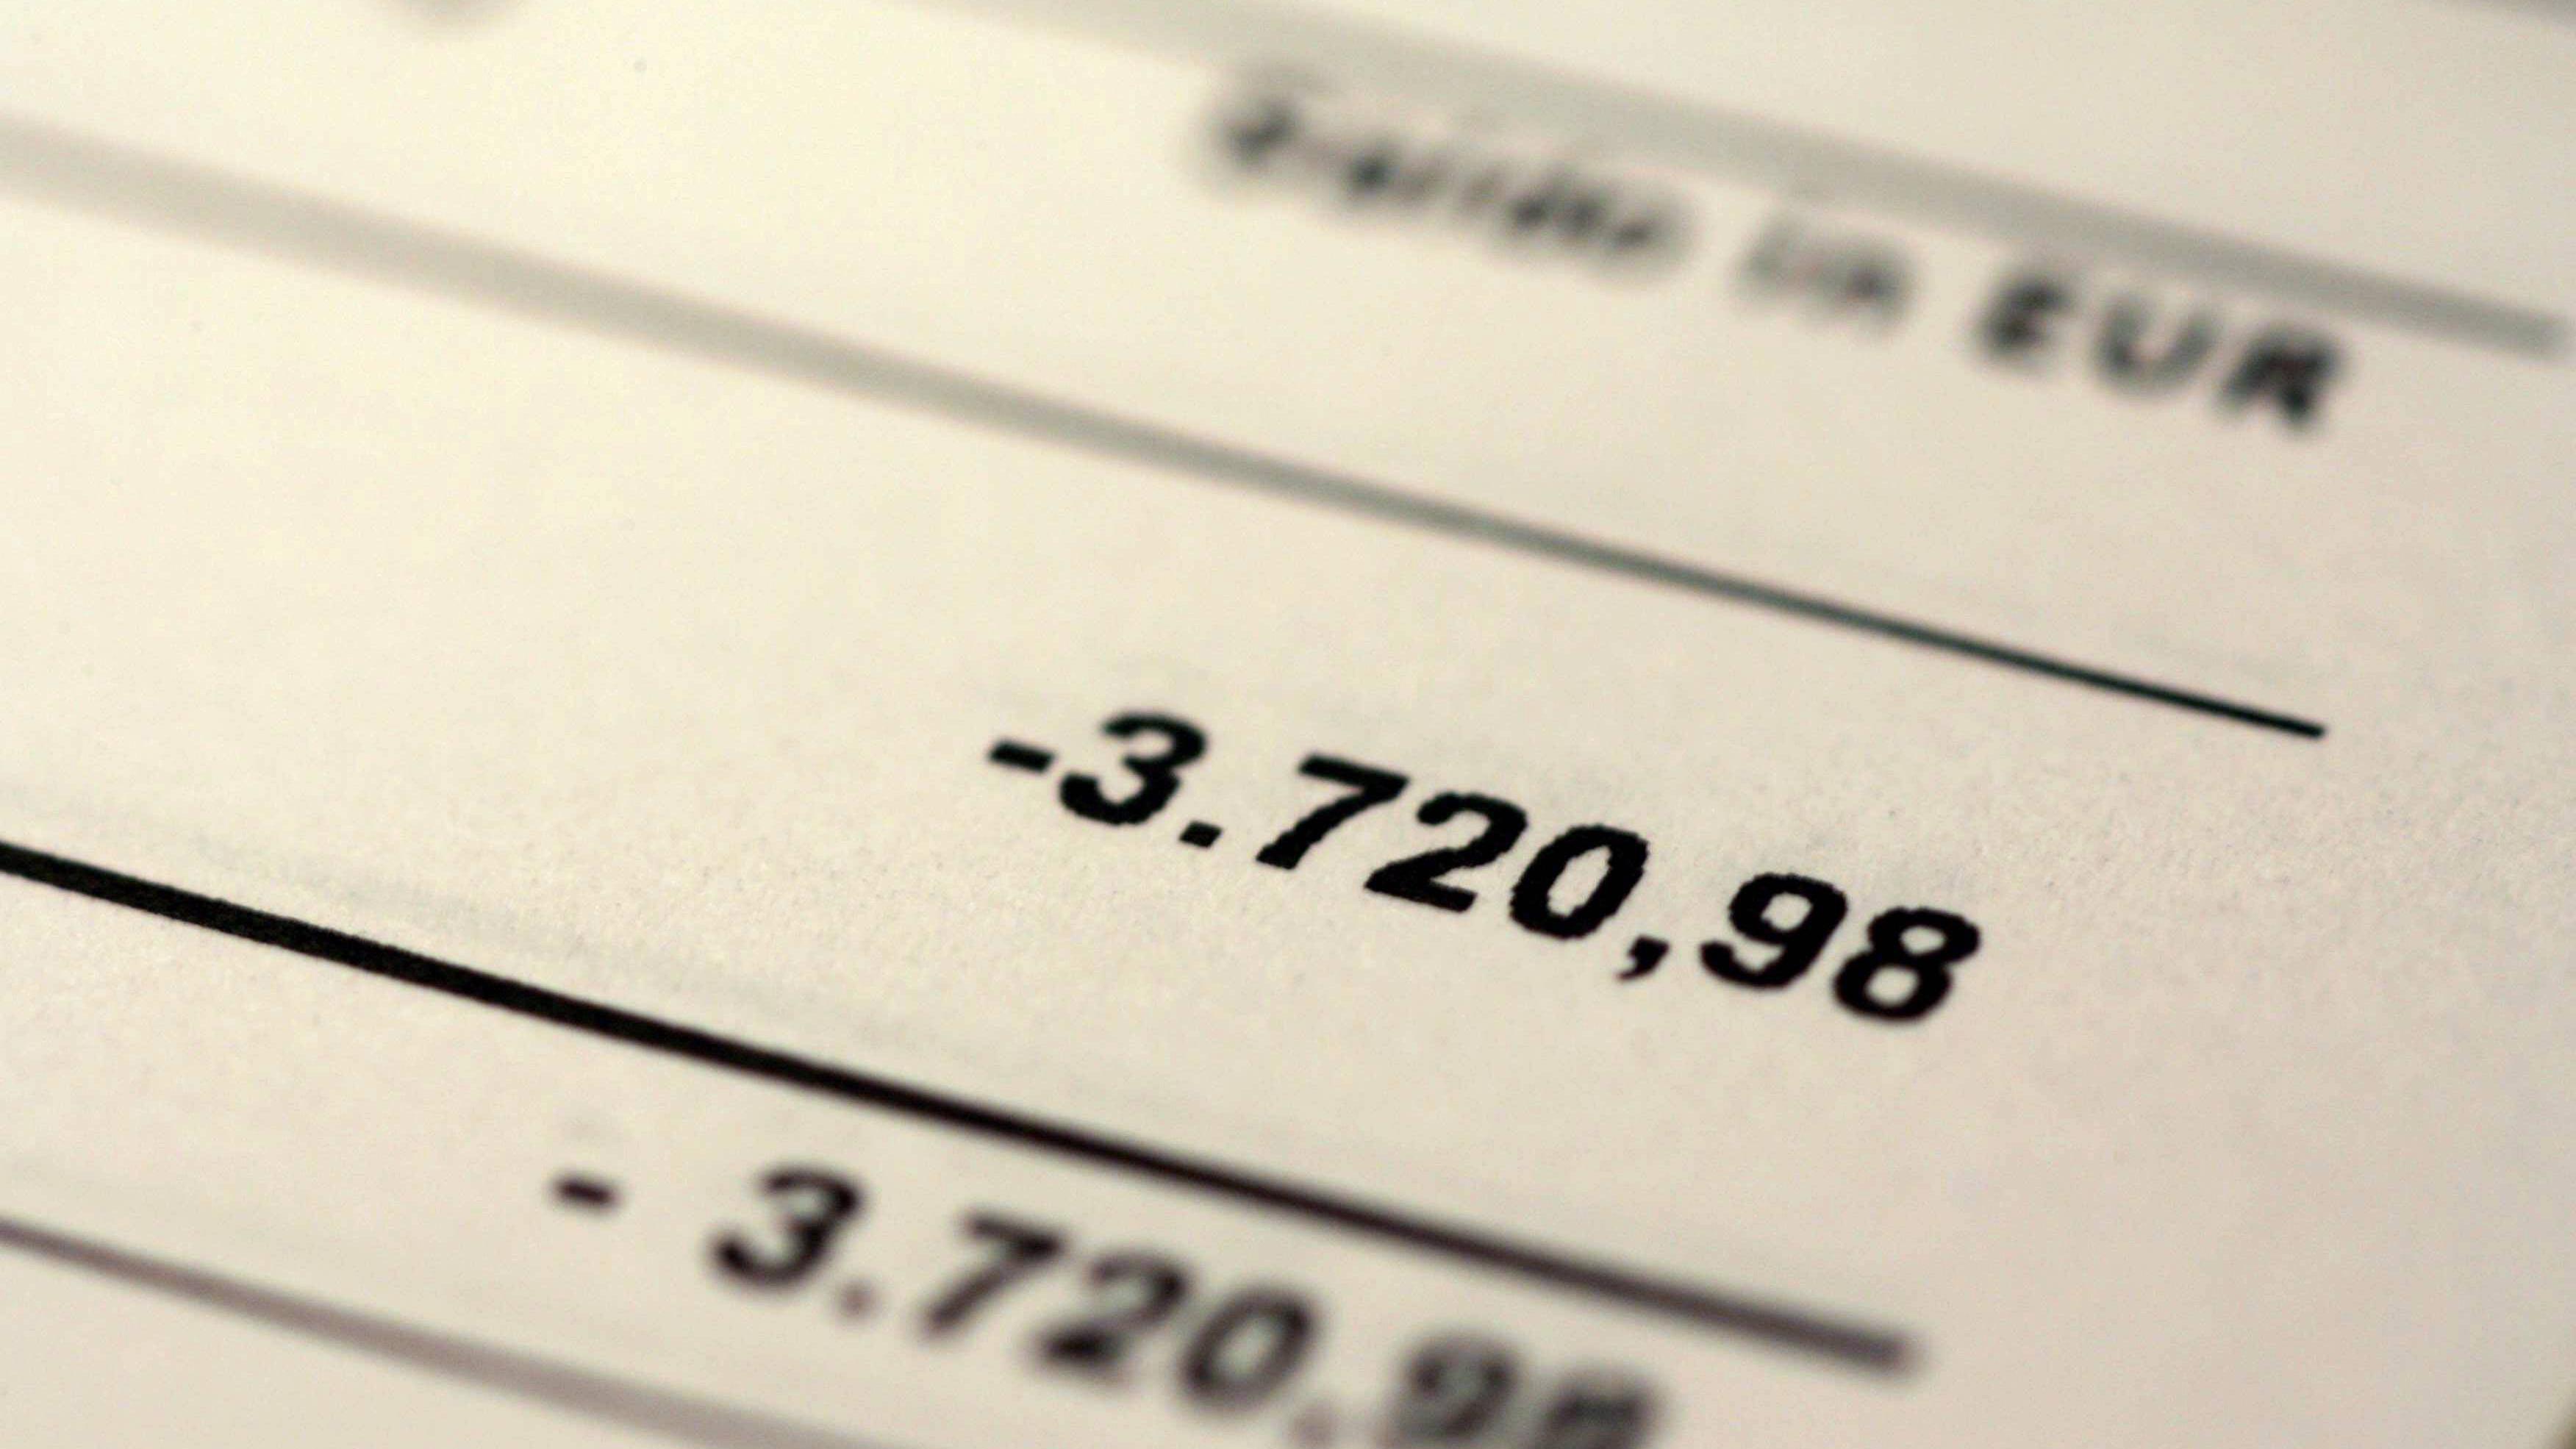 Konto nicht gedeckt - das passiert bei Zahlungen und Lastschriften